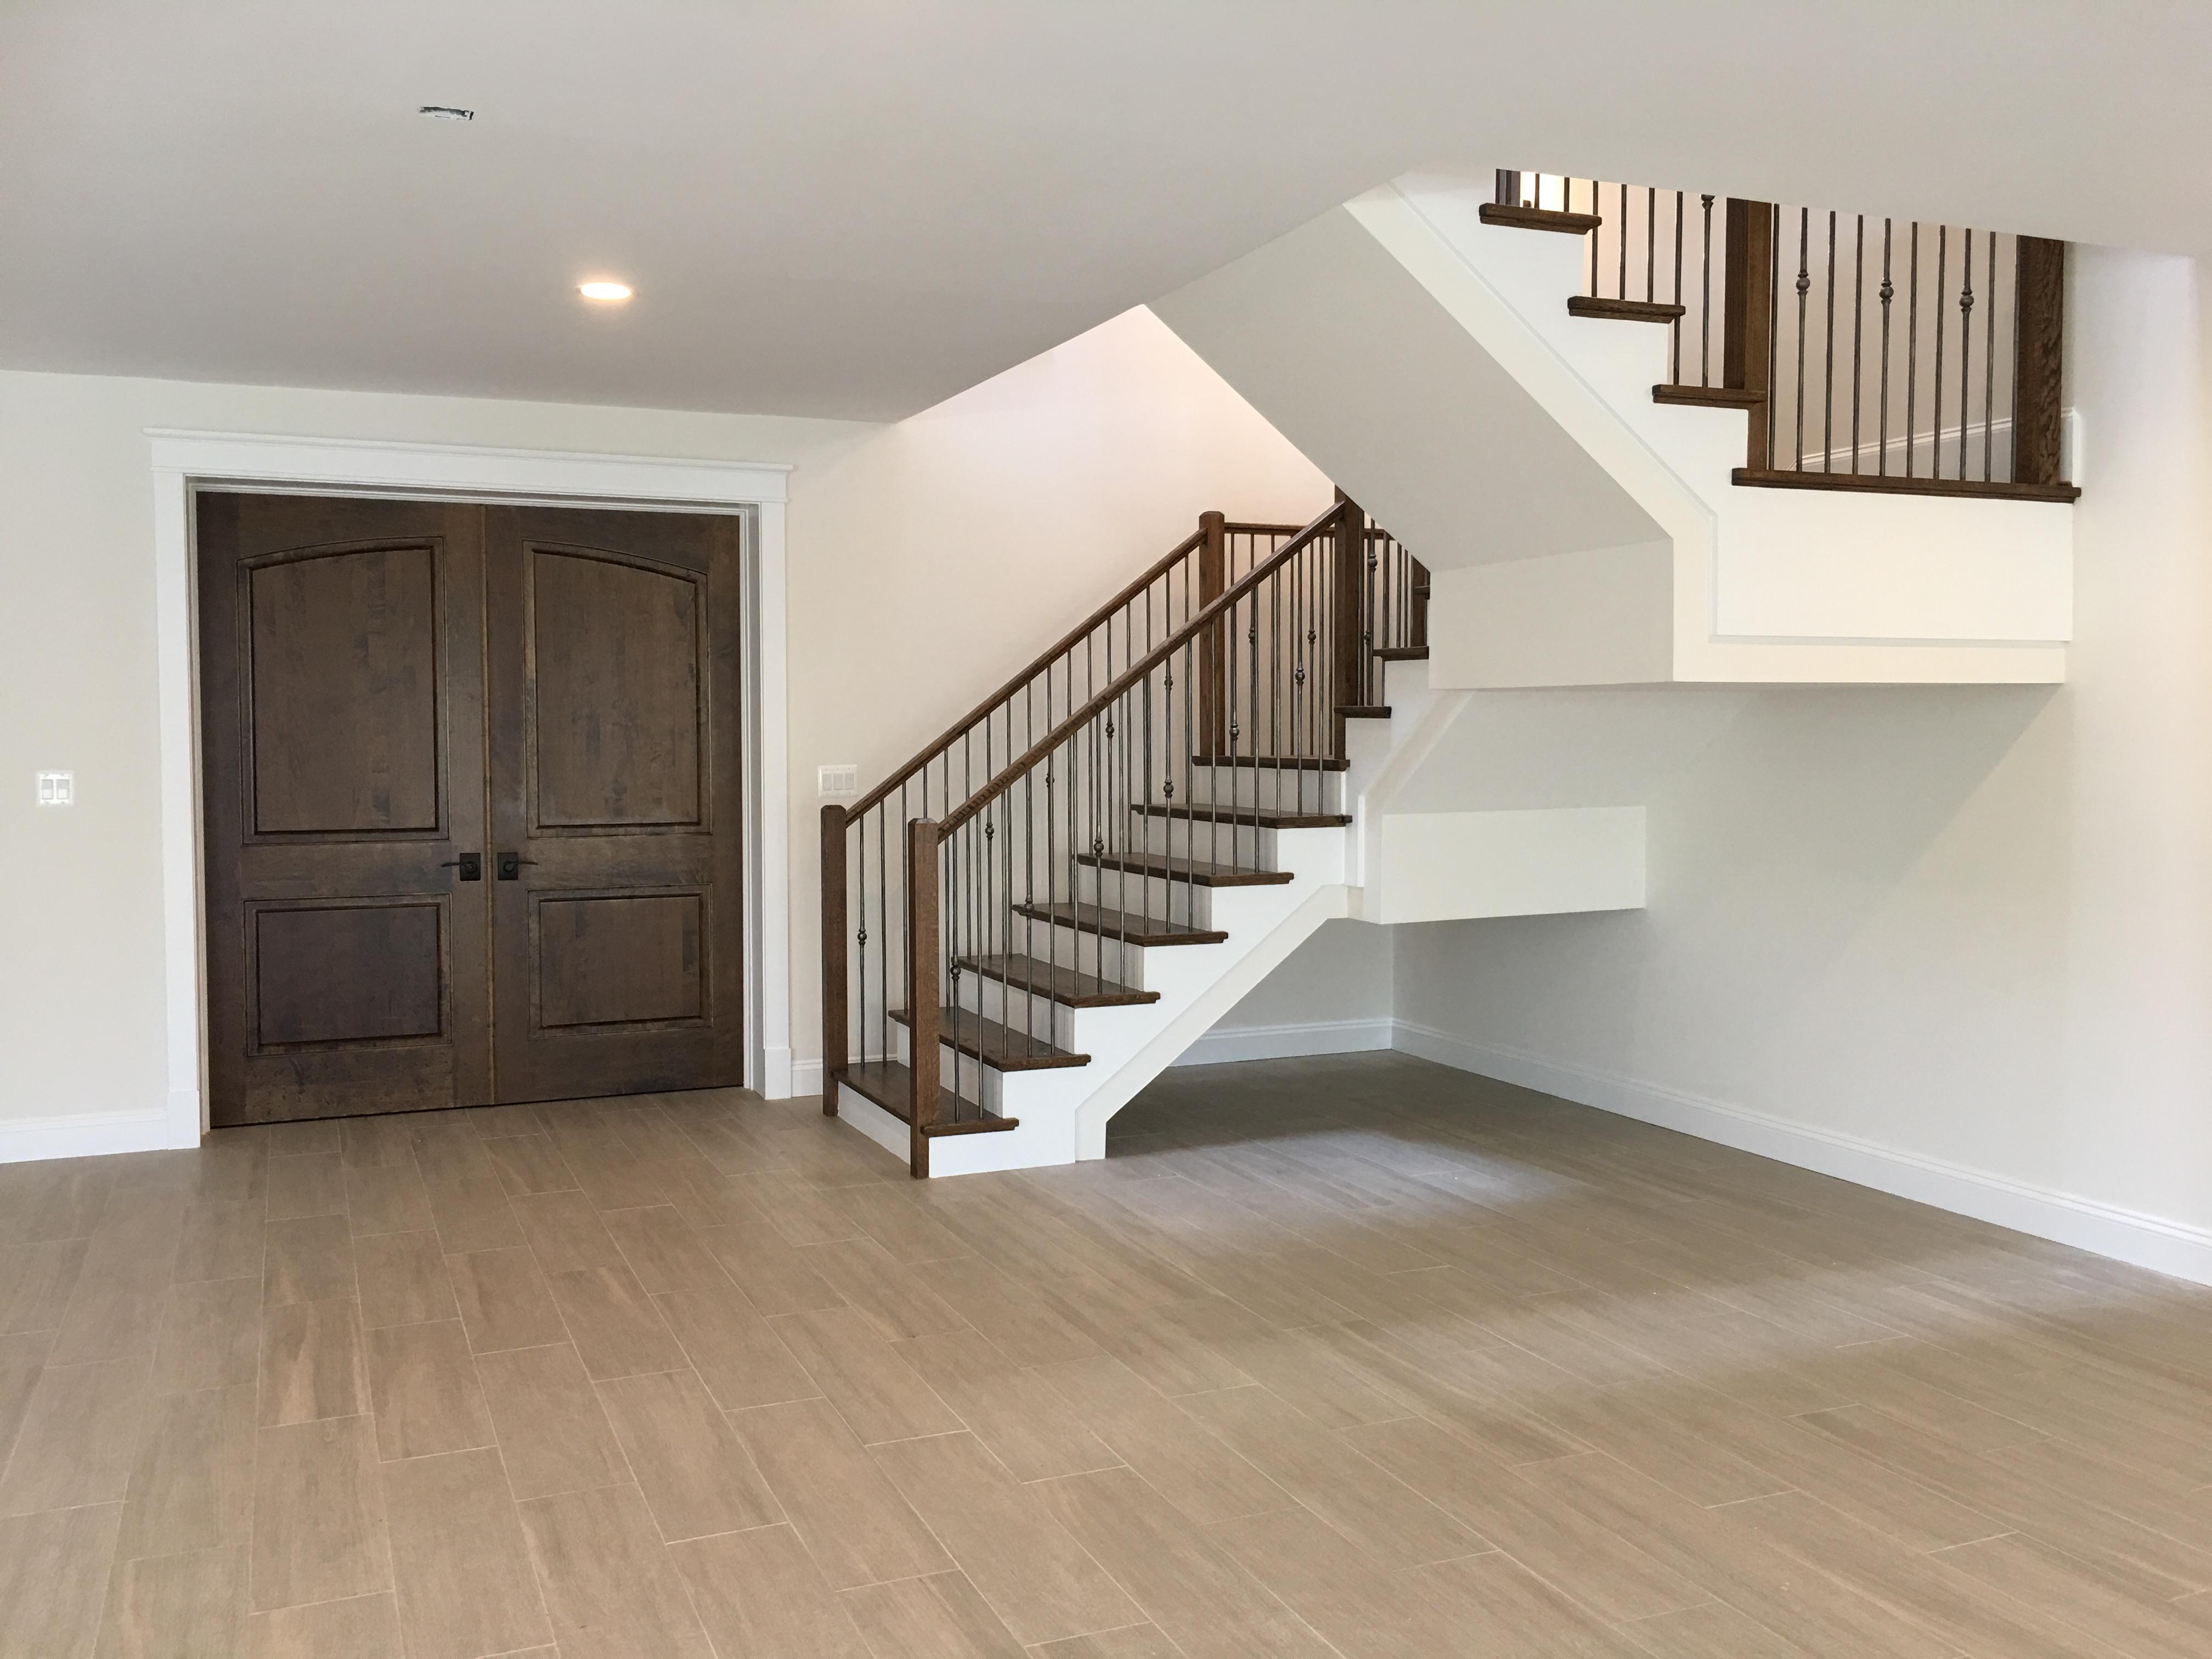 CH basement 1